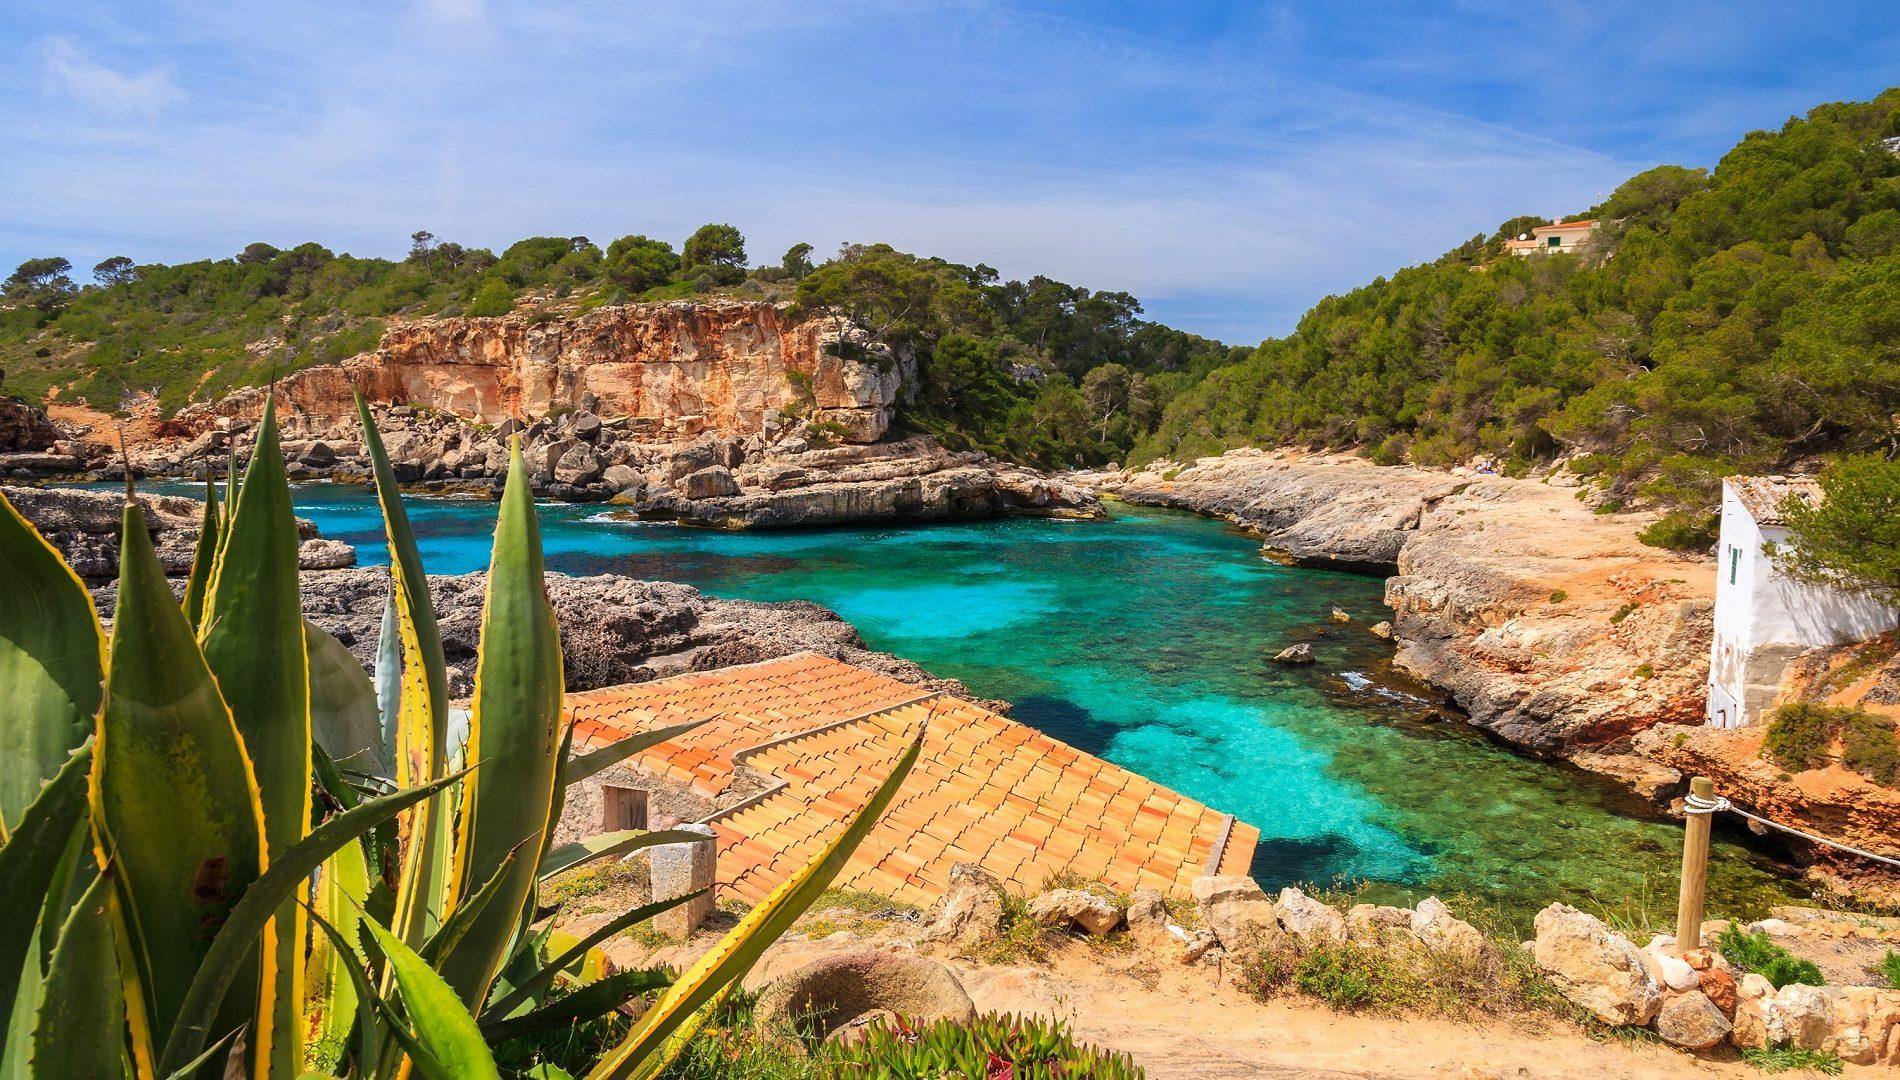 Perché scegliere le Baleari: la vita e le opportunità a Maiorca, Minorca, Ibiza e Formentera